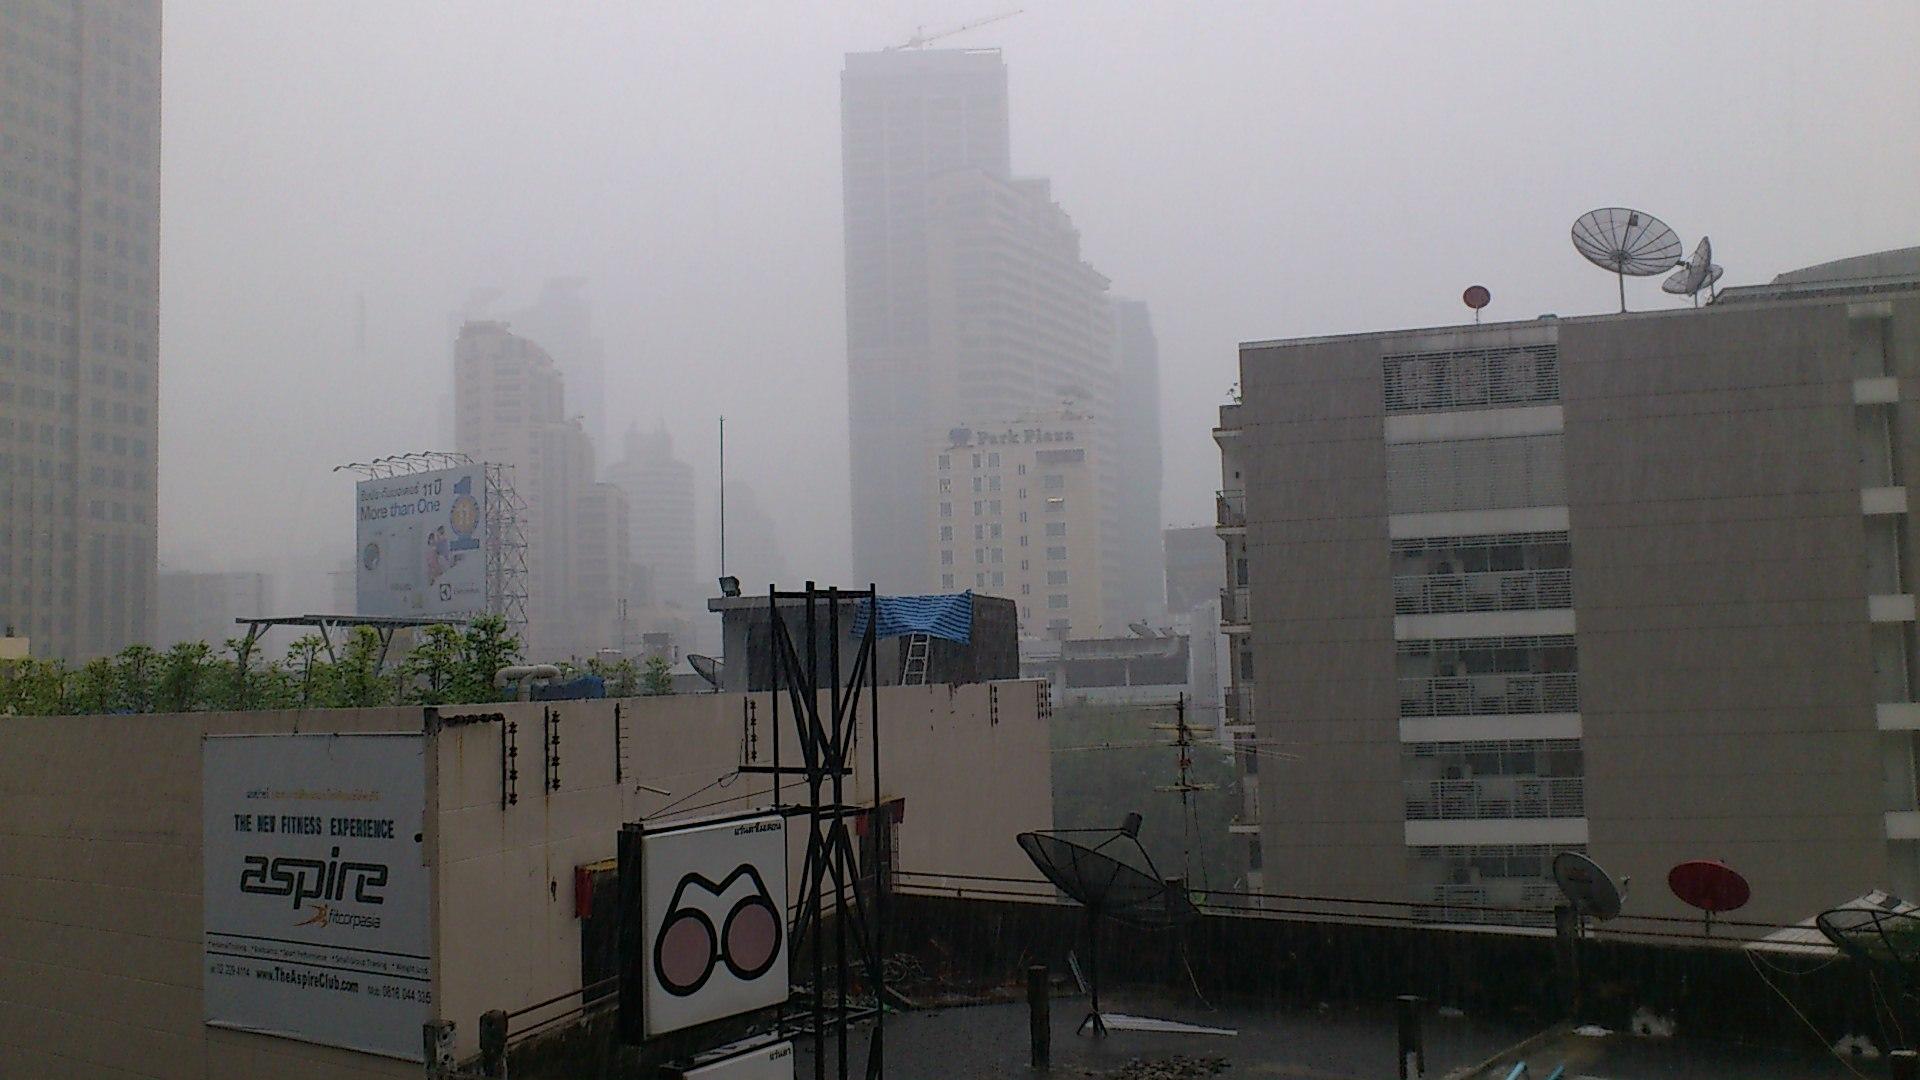 アソーク駅からの眺め 大雨